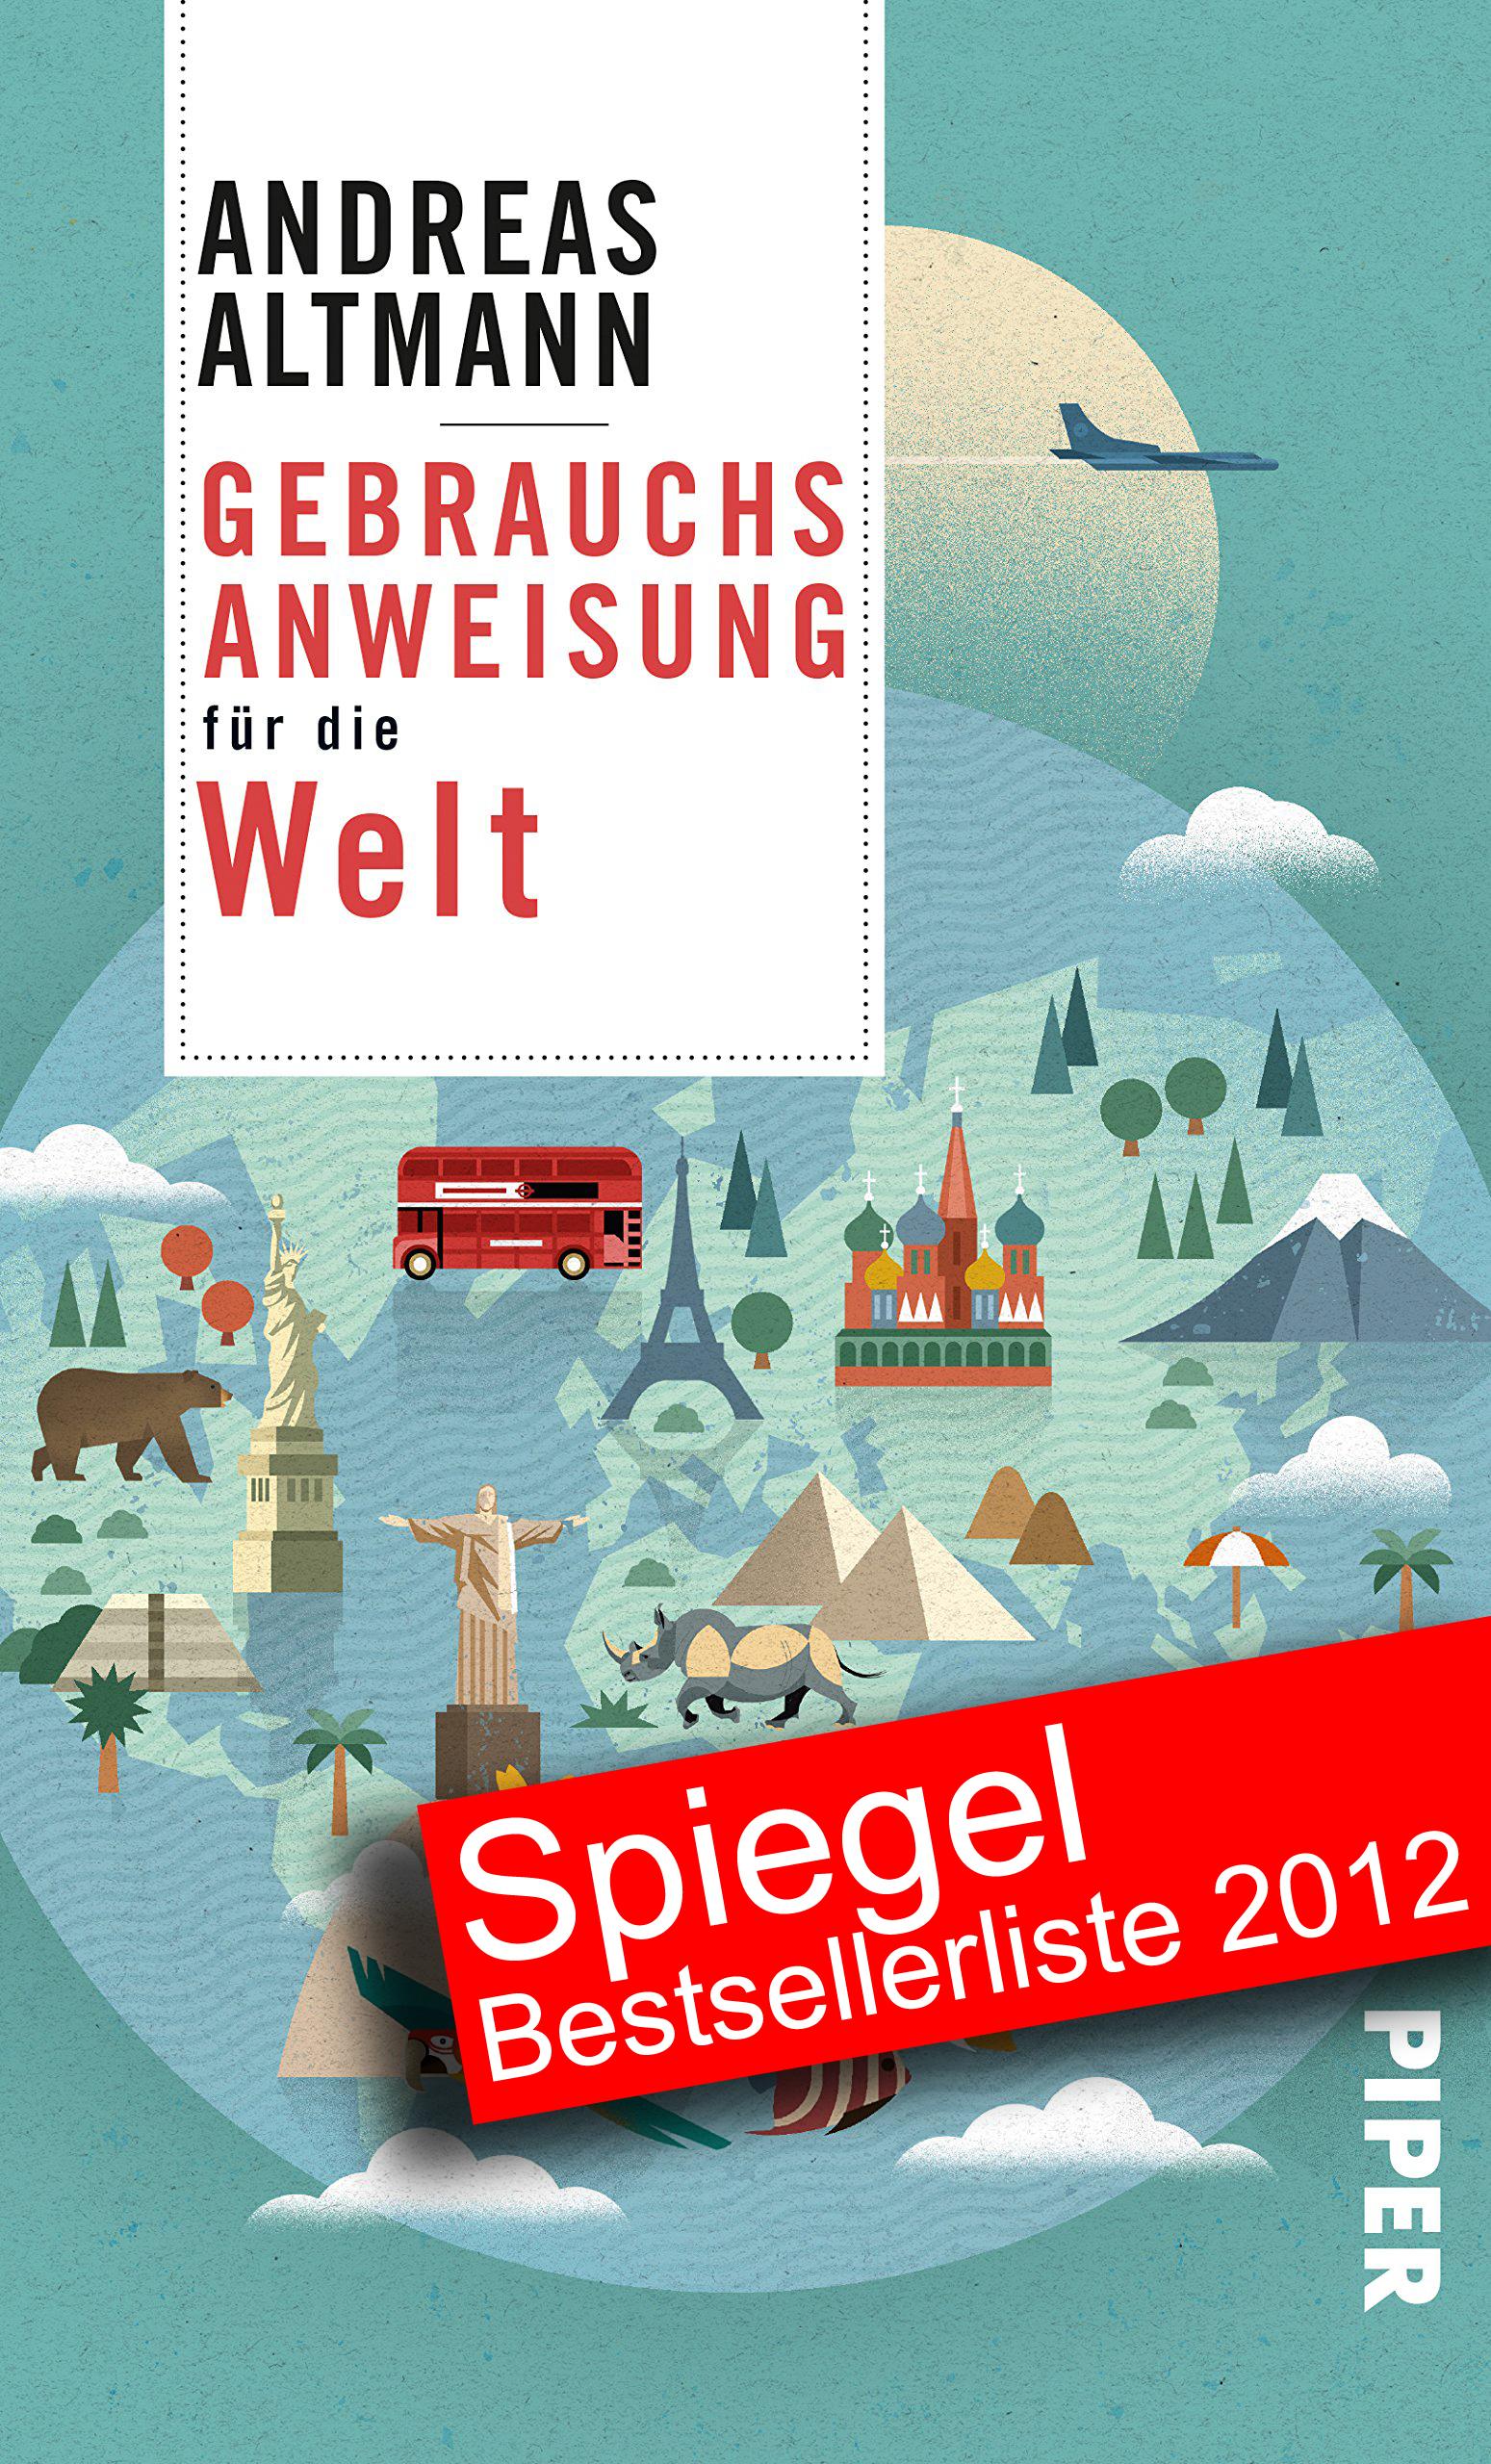 Andreas Altmann - Gebrauchsanweisung für die Welt Jubiläumsausgabe